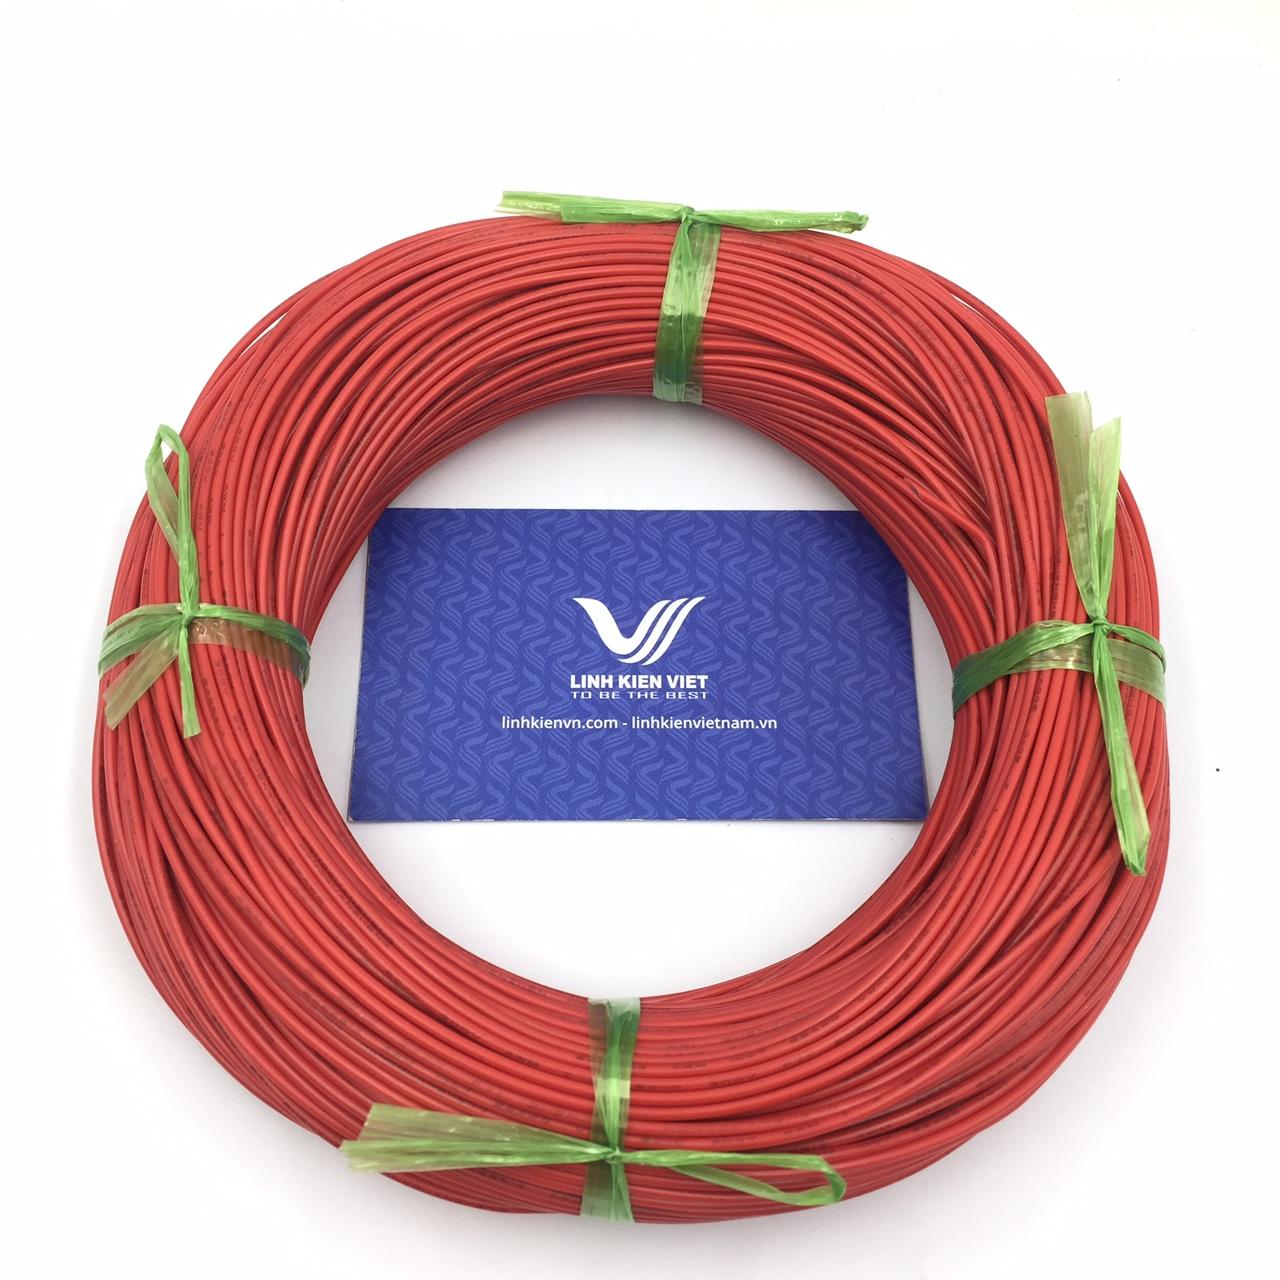 Cuộn dây điện 100m UL 1007 22AWG - màu đỏ